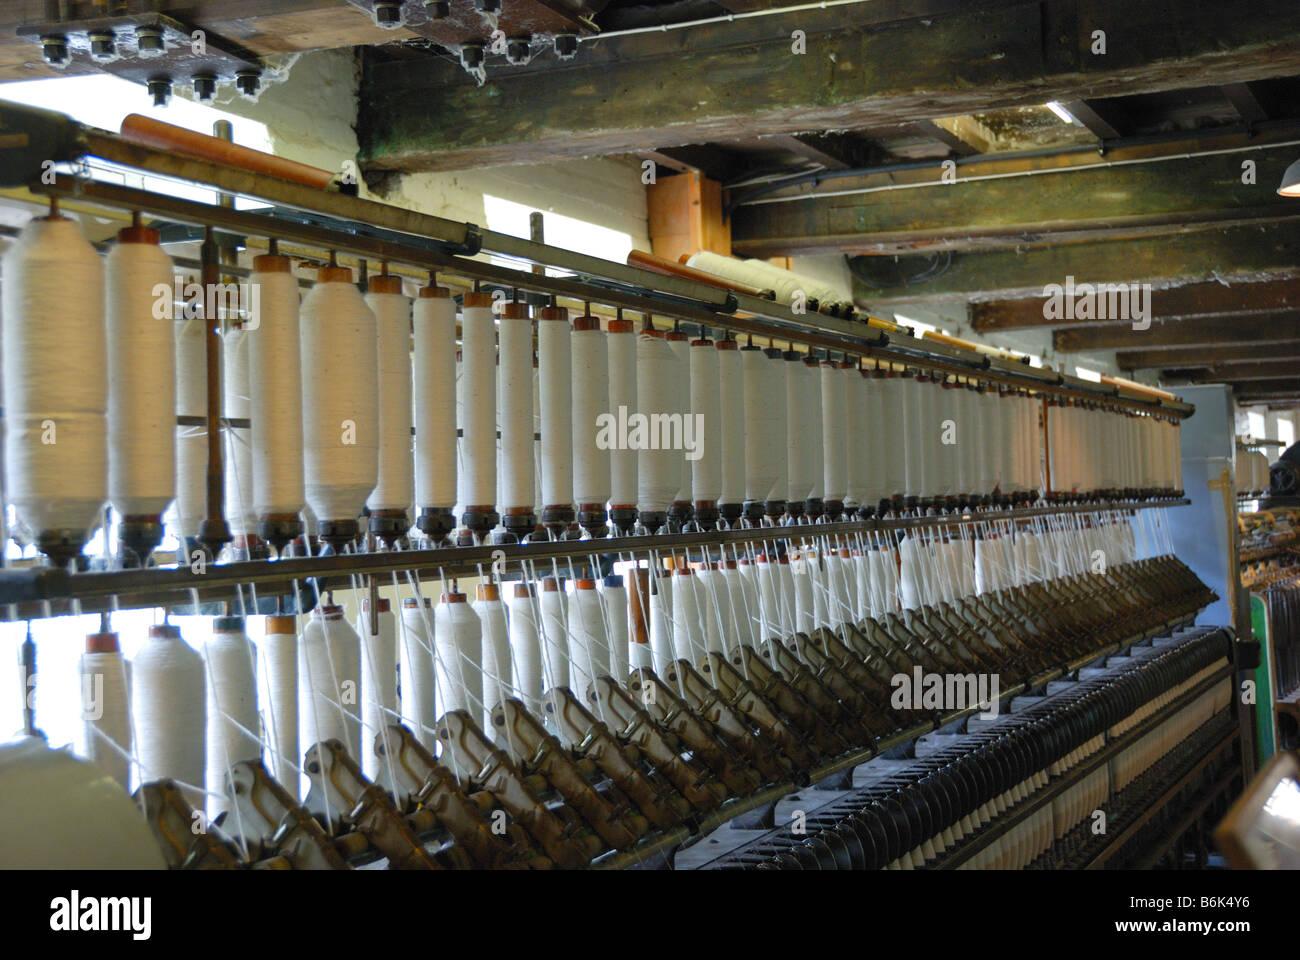 baumwolle spulen in baumwollspinnerei manchester england